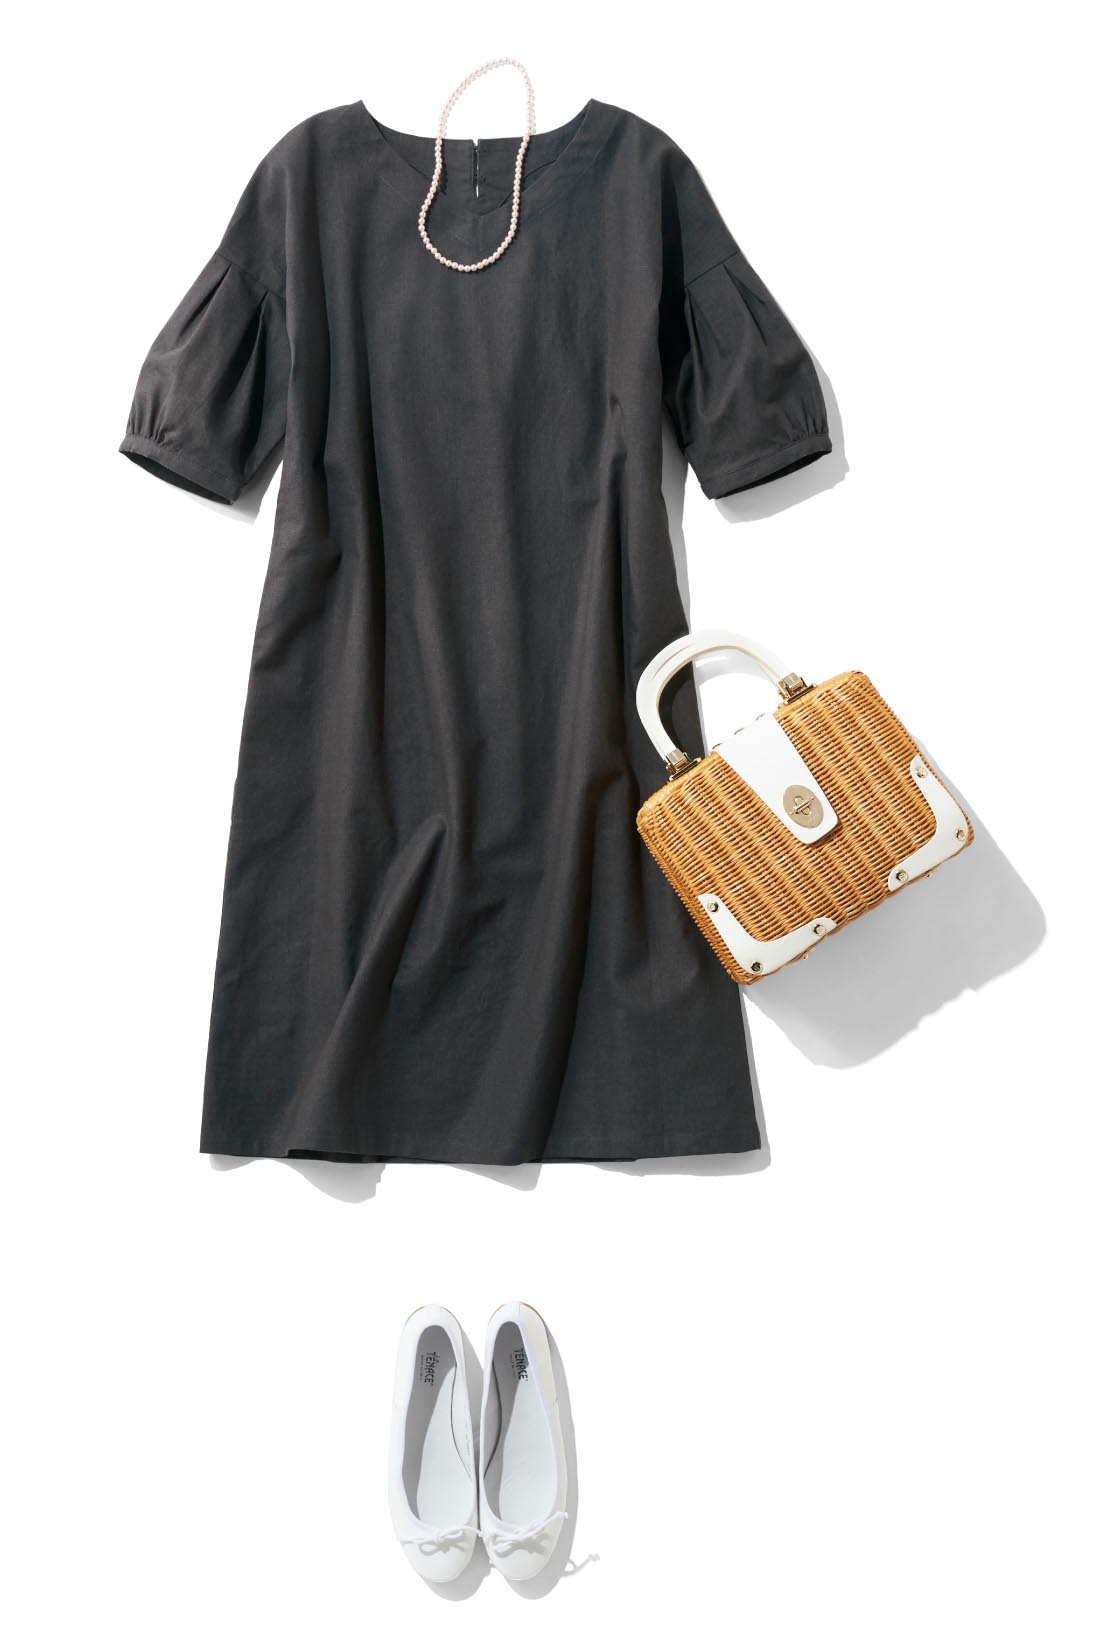 パールやかごバッグでおめかしスタイル。麻混素材なのでフォーマルすぎないのが◎。